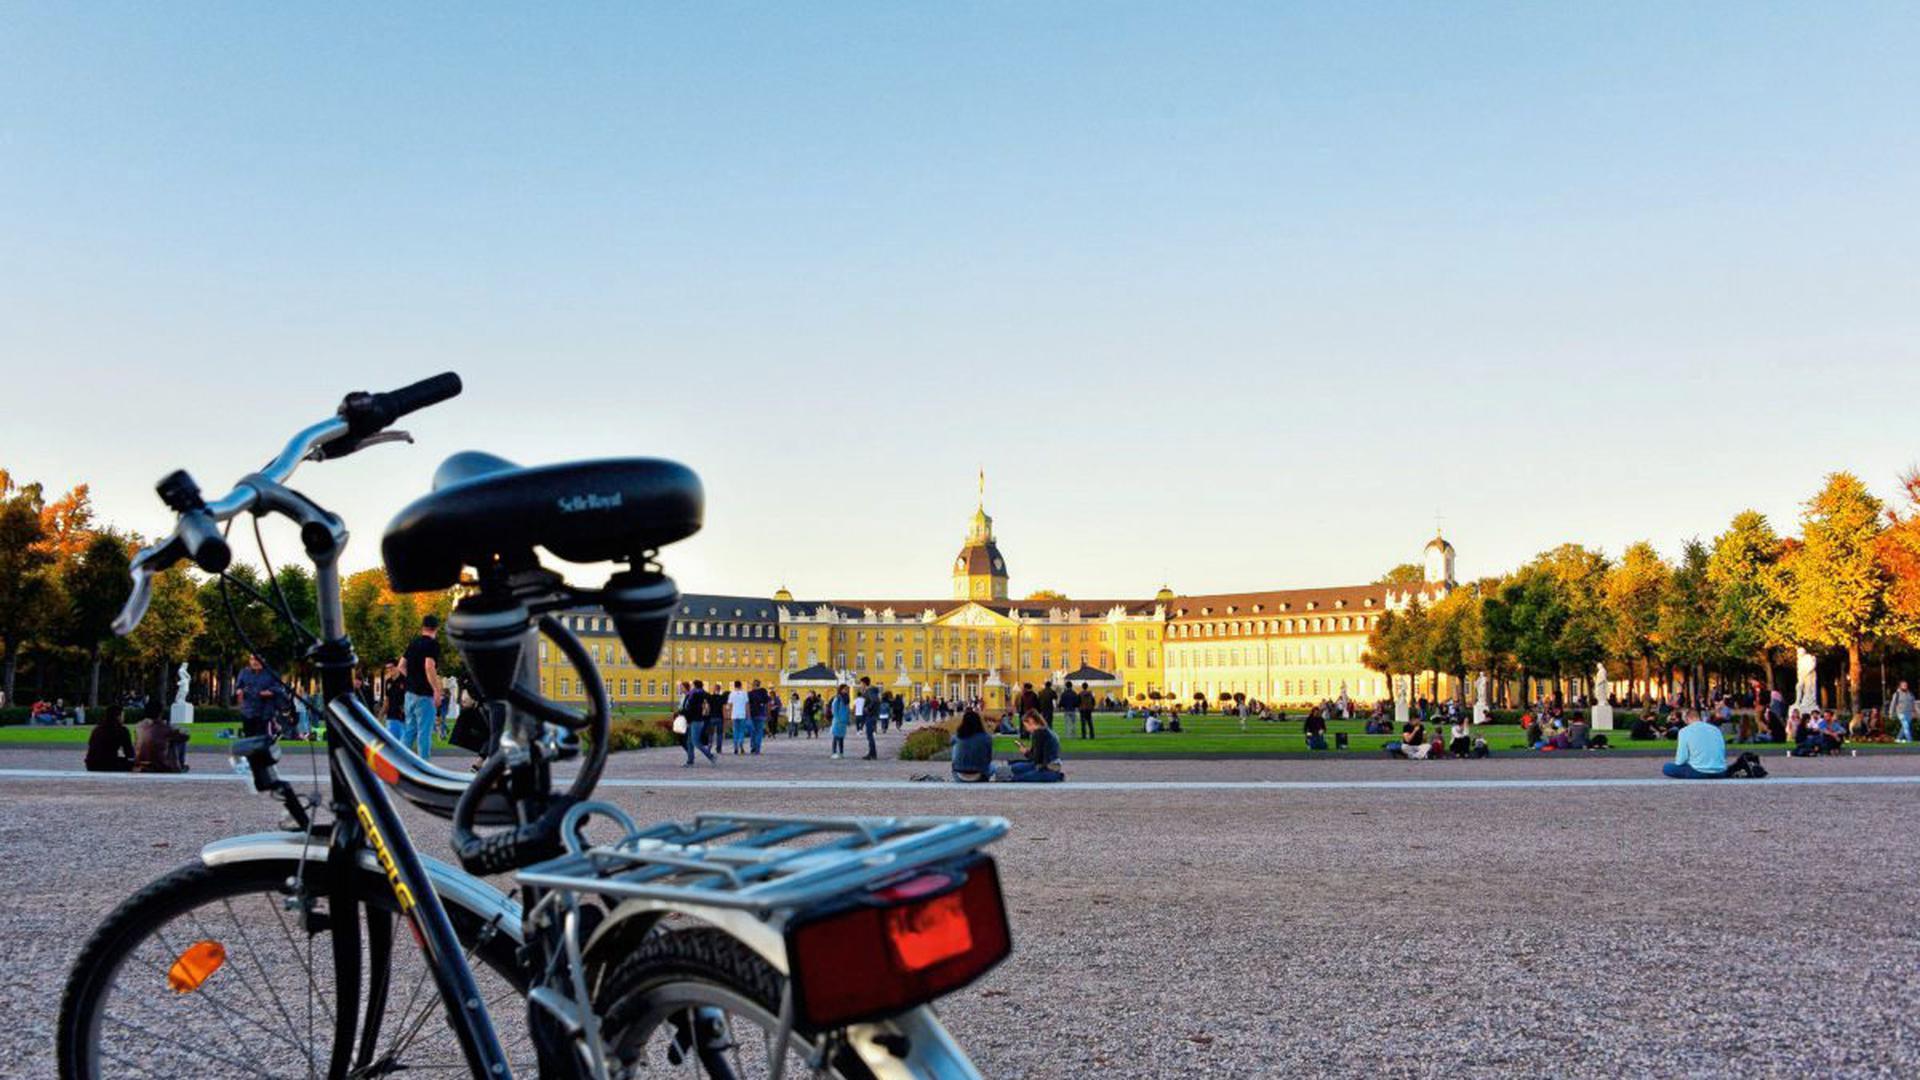 Karlsruhe ist nun offiziell die fahrradfreundlichste Stadt Deutschlands.